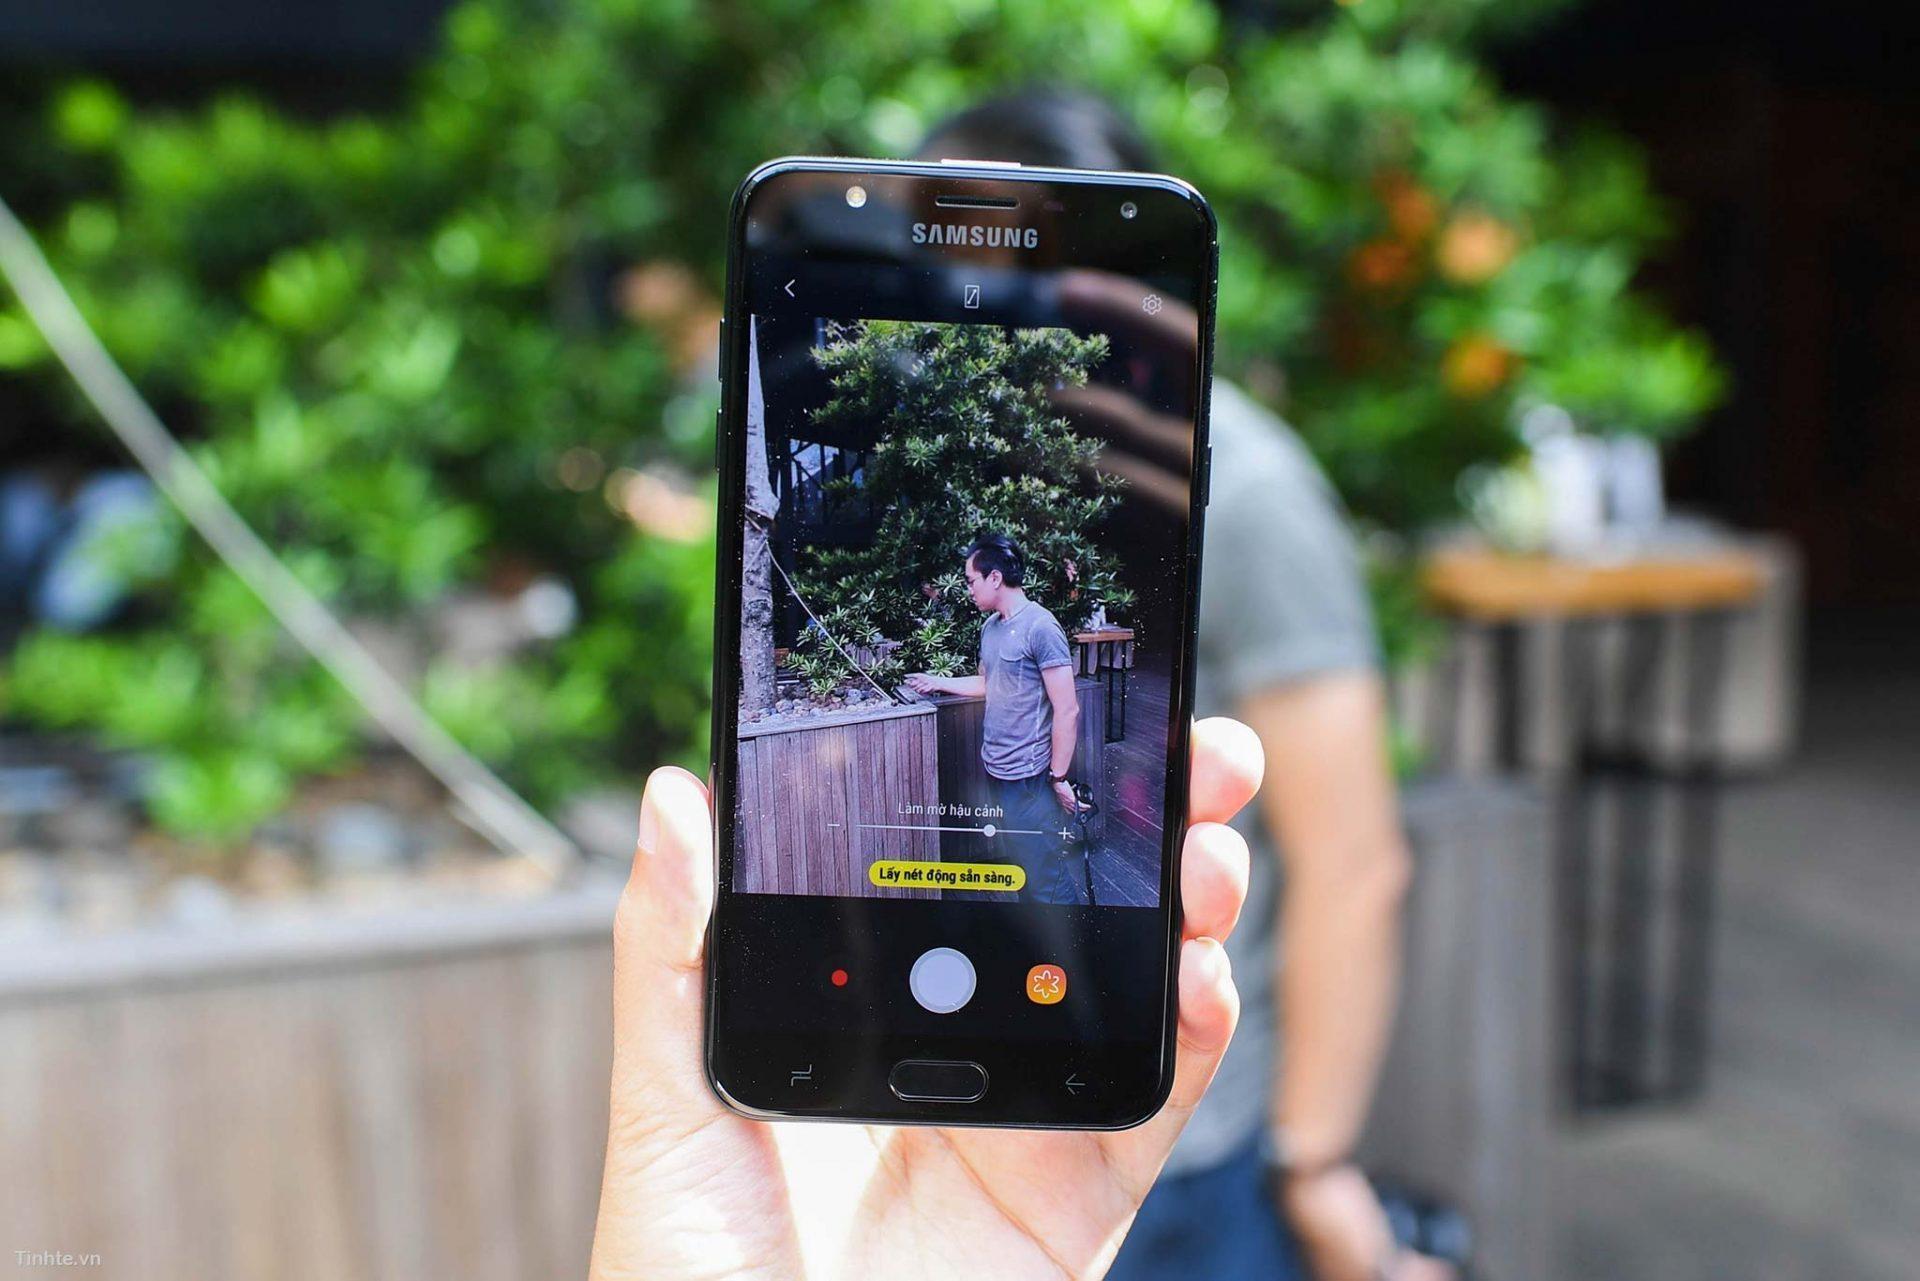 Thay màn hình Samsung Galaxy J7 Duo giá có rẻ hay không ?